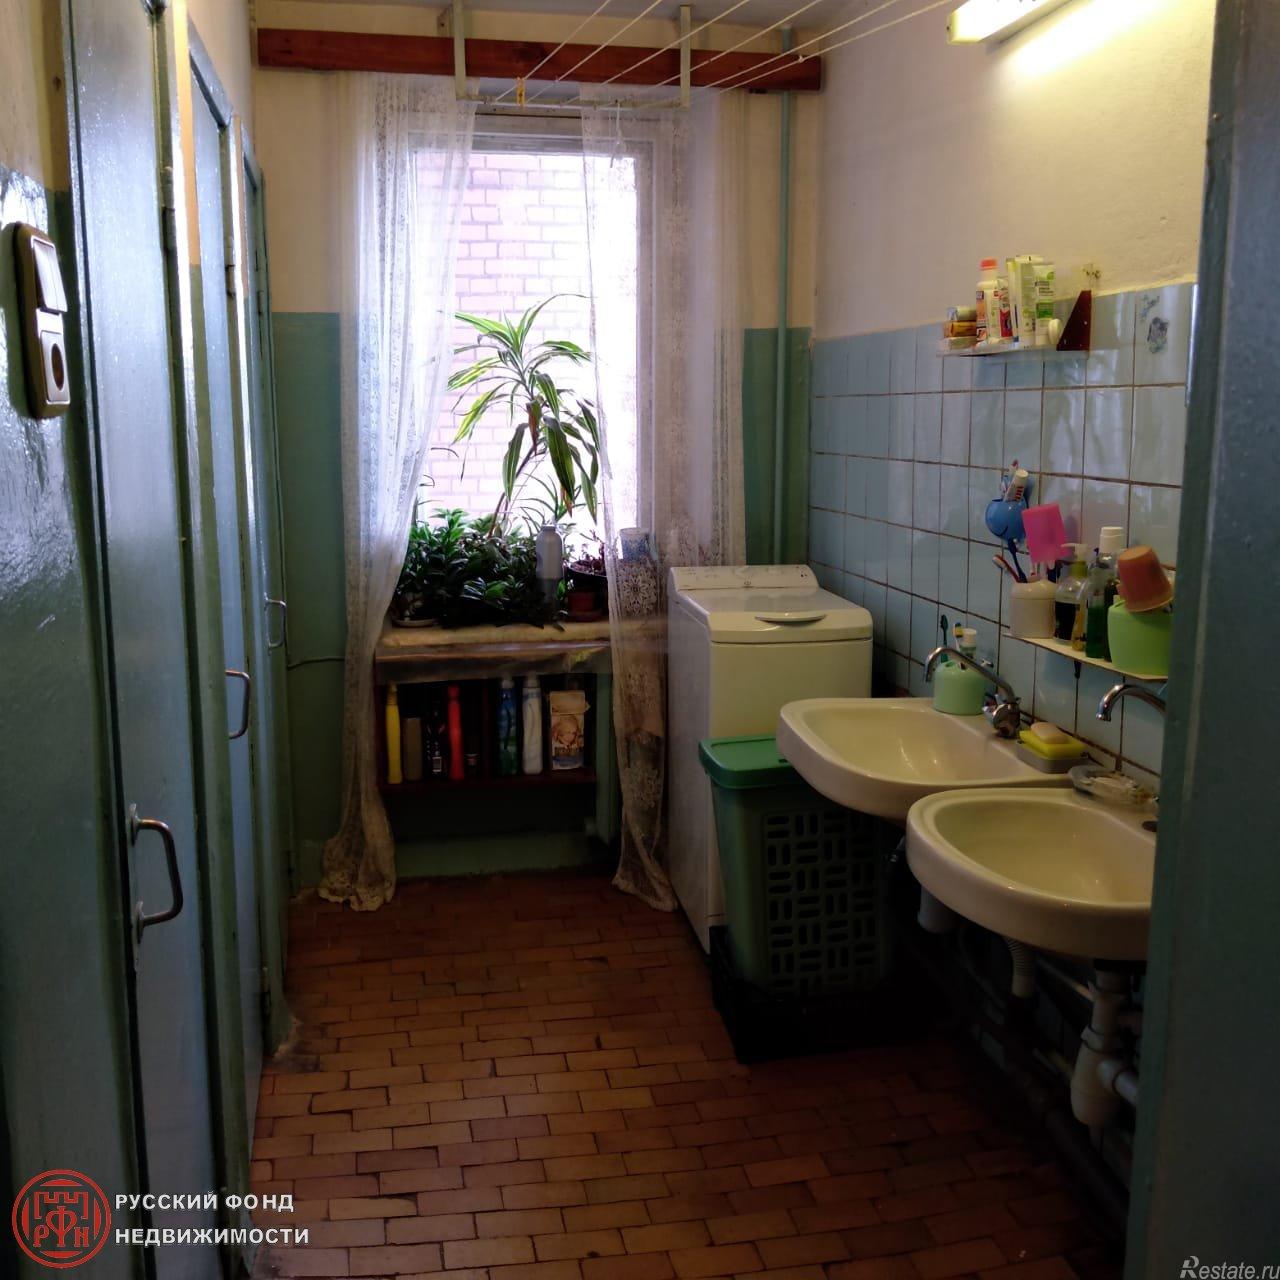 Продать Комнаты в квартирах Санкт-Петербург,  Калининский,  Гражданский пр., Культуры пр.